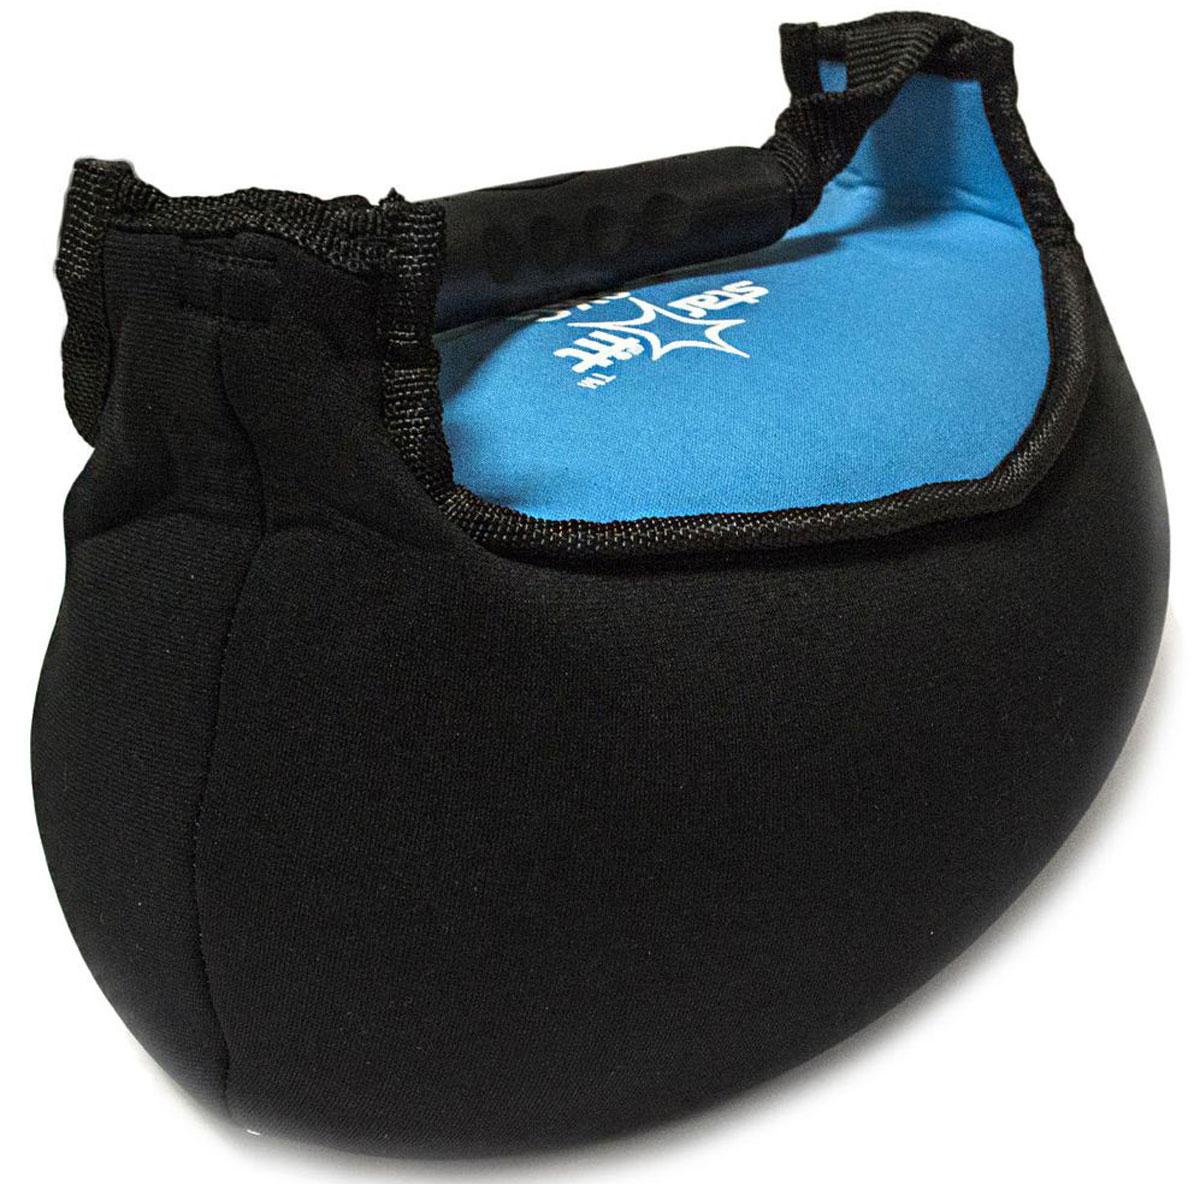 Гиря мягкая неопреновая Starfit, цвет: черный, синий, 8 кгSM939B-1122Гиря Star Fit выполнена из прочного неопрена с наполнителем из песка. Она предназначена для проработки различных групп мышц. Гиря оснащена удобной пластиковой ручкой.Гири - это самое простое и самое гениальное спортивное оборудование для развития мышечной массы. Правильно поставленные тренировки с ней позволяют не только нарастить мышечную массу, но и развить повышенную выносливость, укрепляют сердечнососудистую систему и костно-мышечный аппарат.Вес гири: 8 кг.